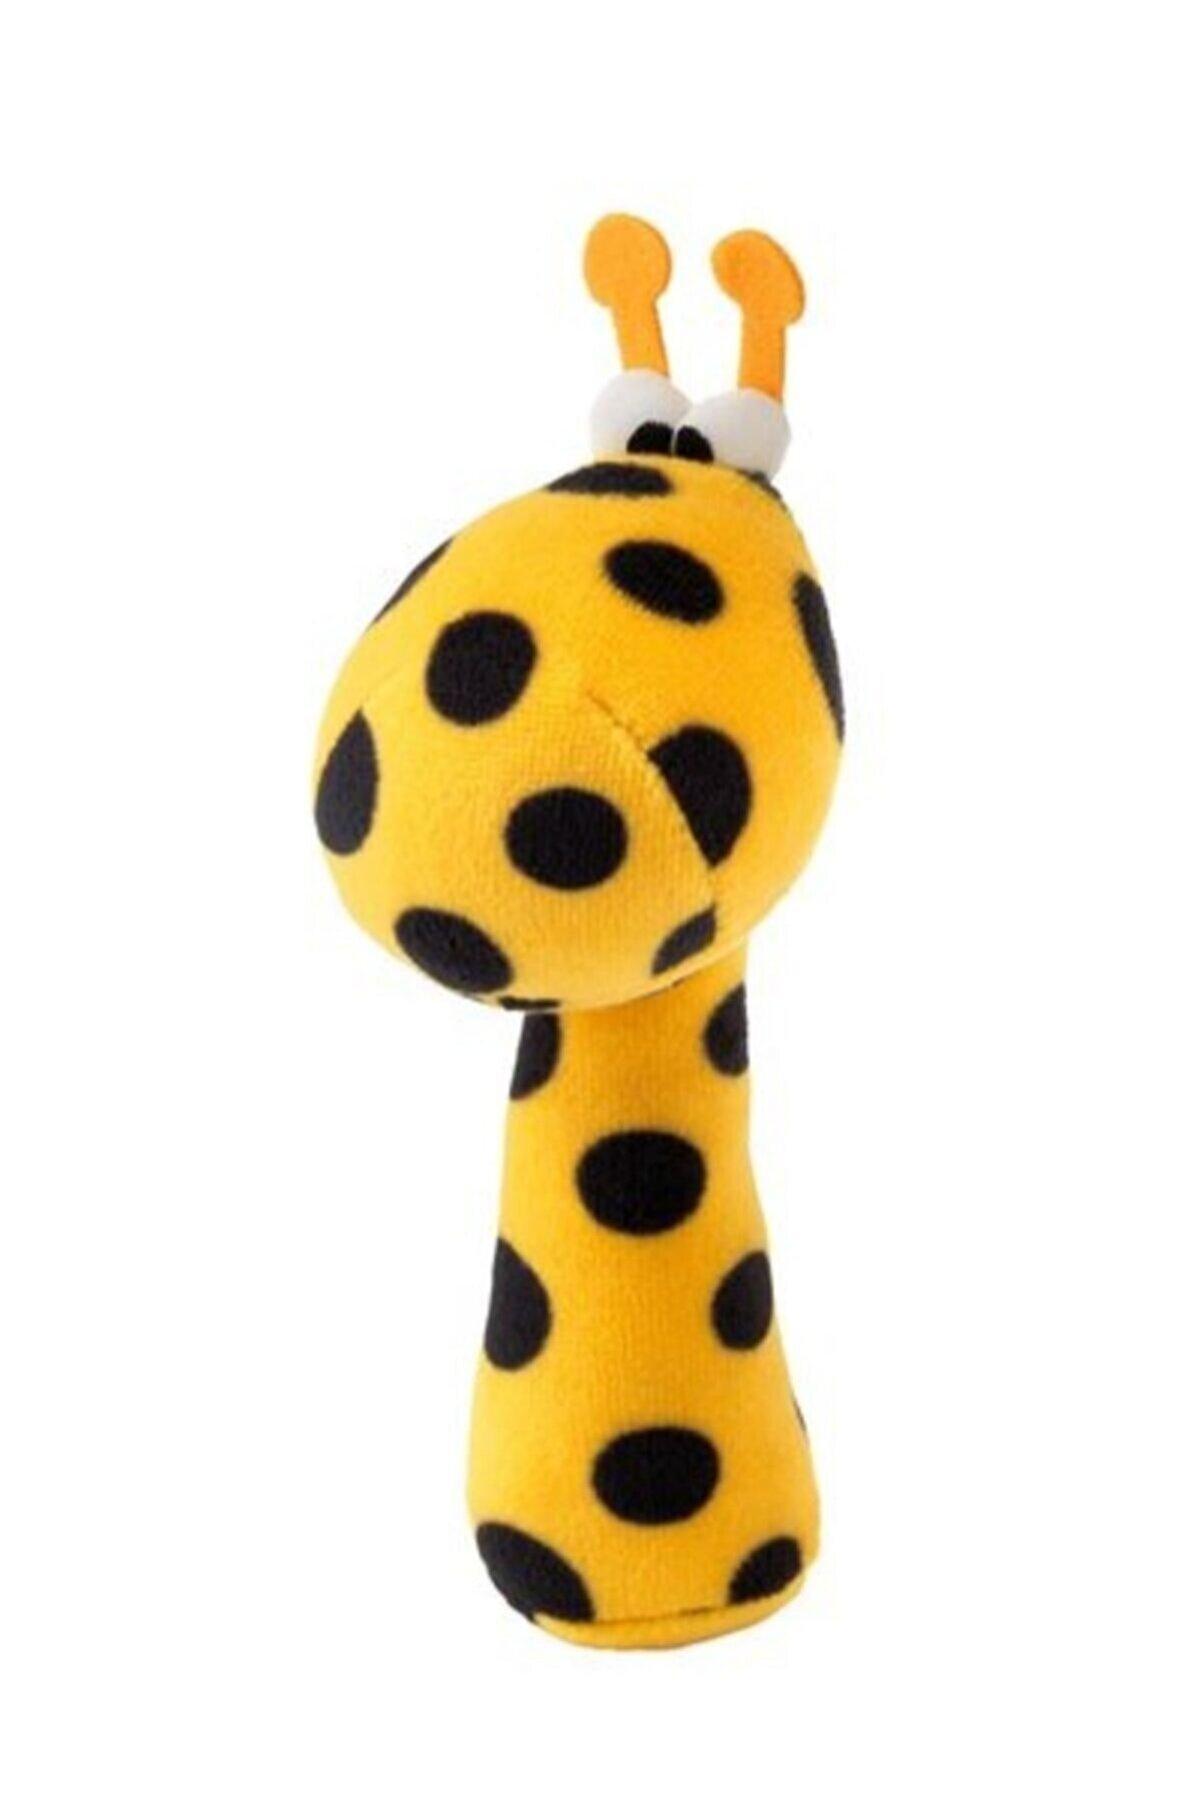 Nana Yumuşak Zürafa Çıngırak